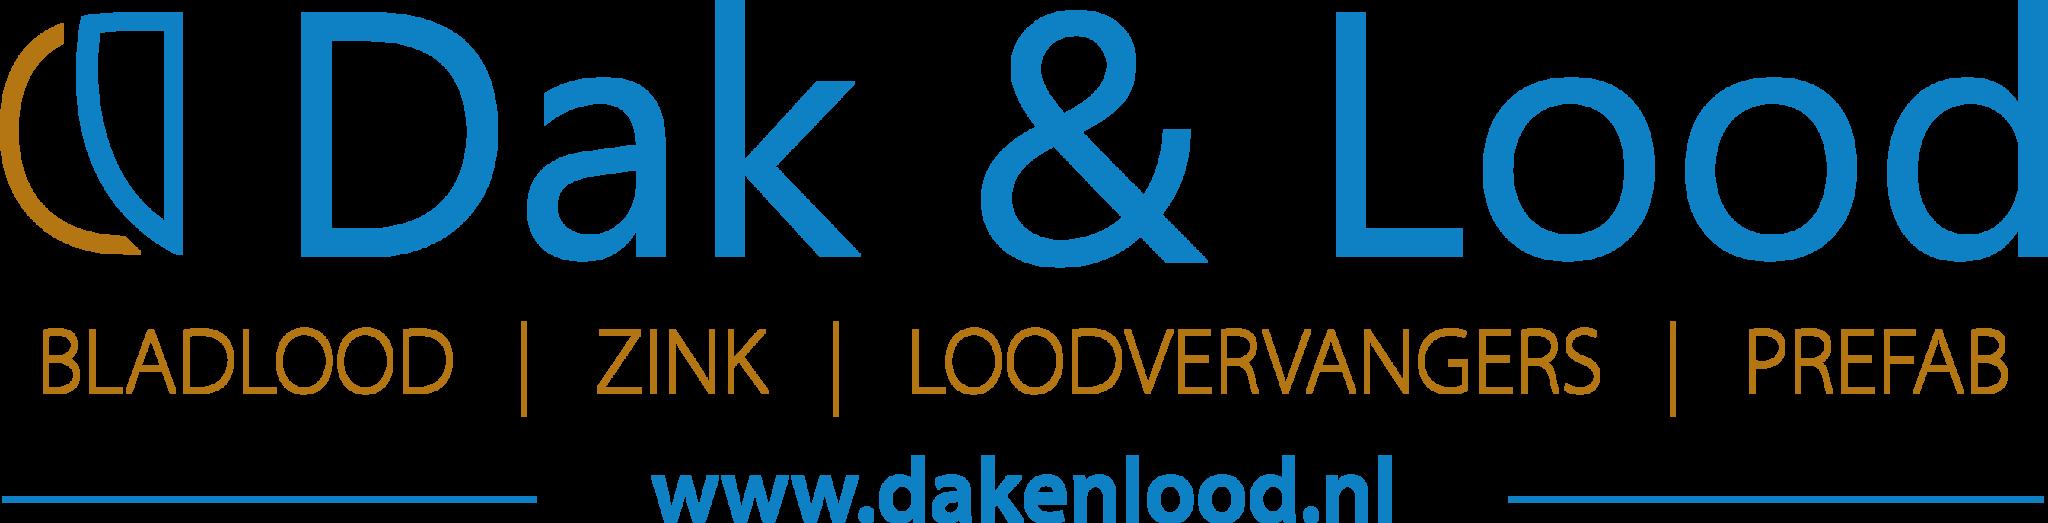 Dakenlood.nl